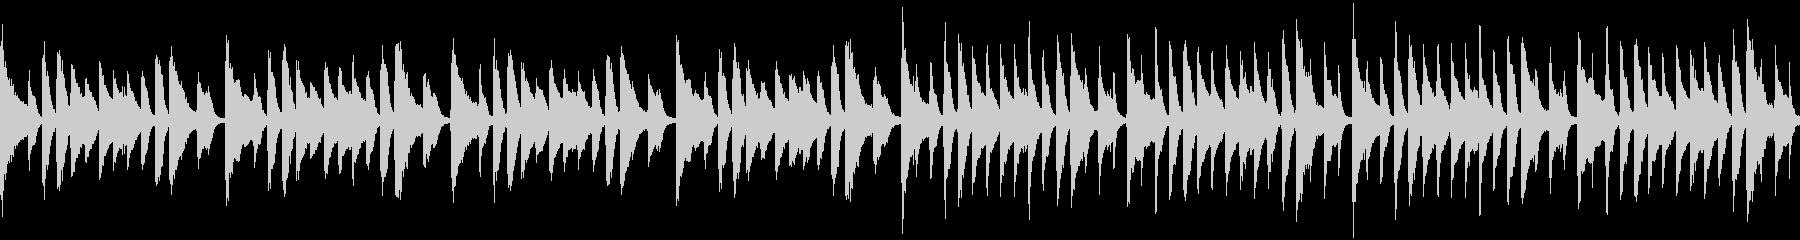 軽快なピアノループ曲の未再生の波形